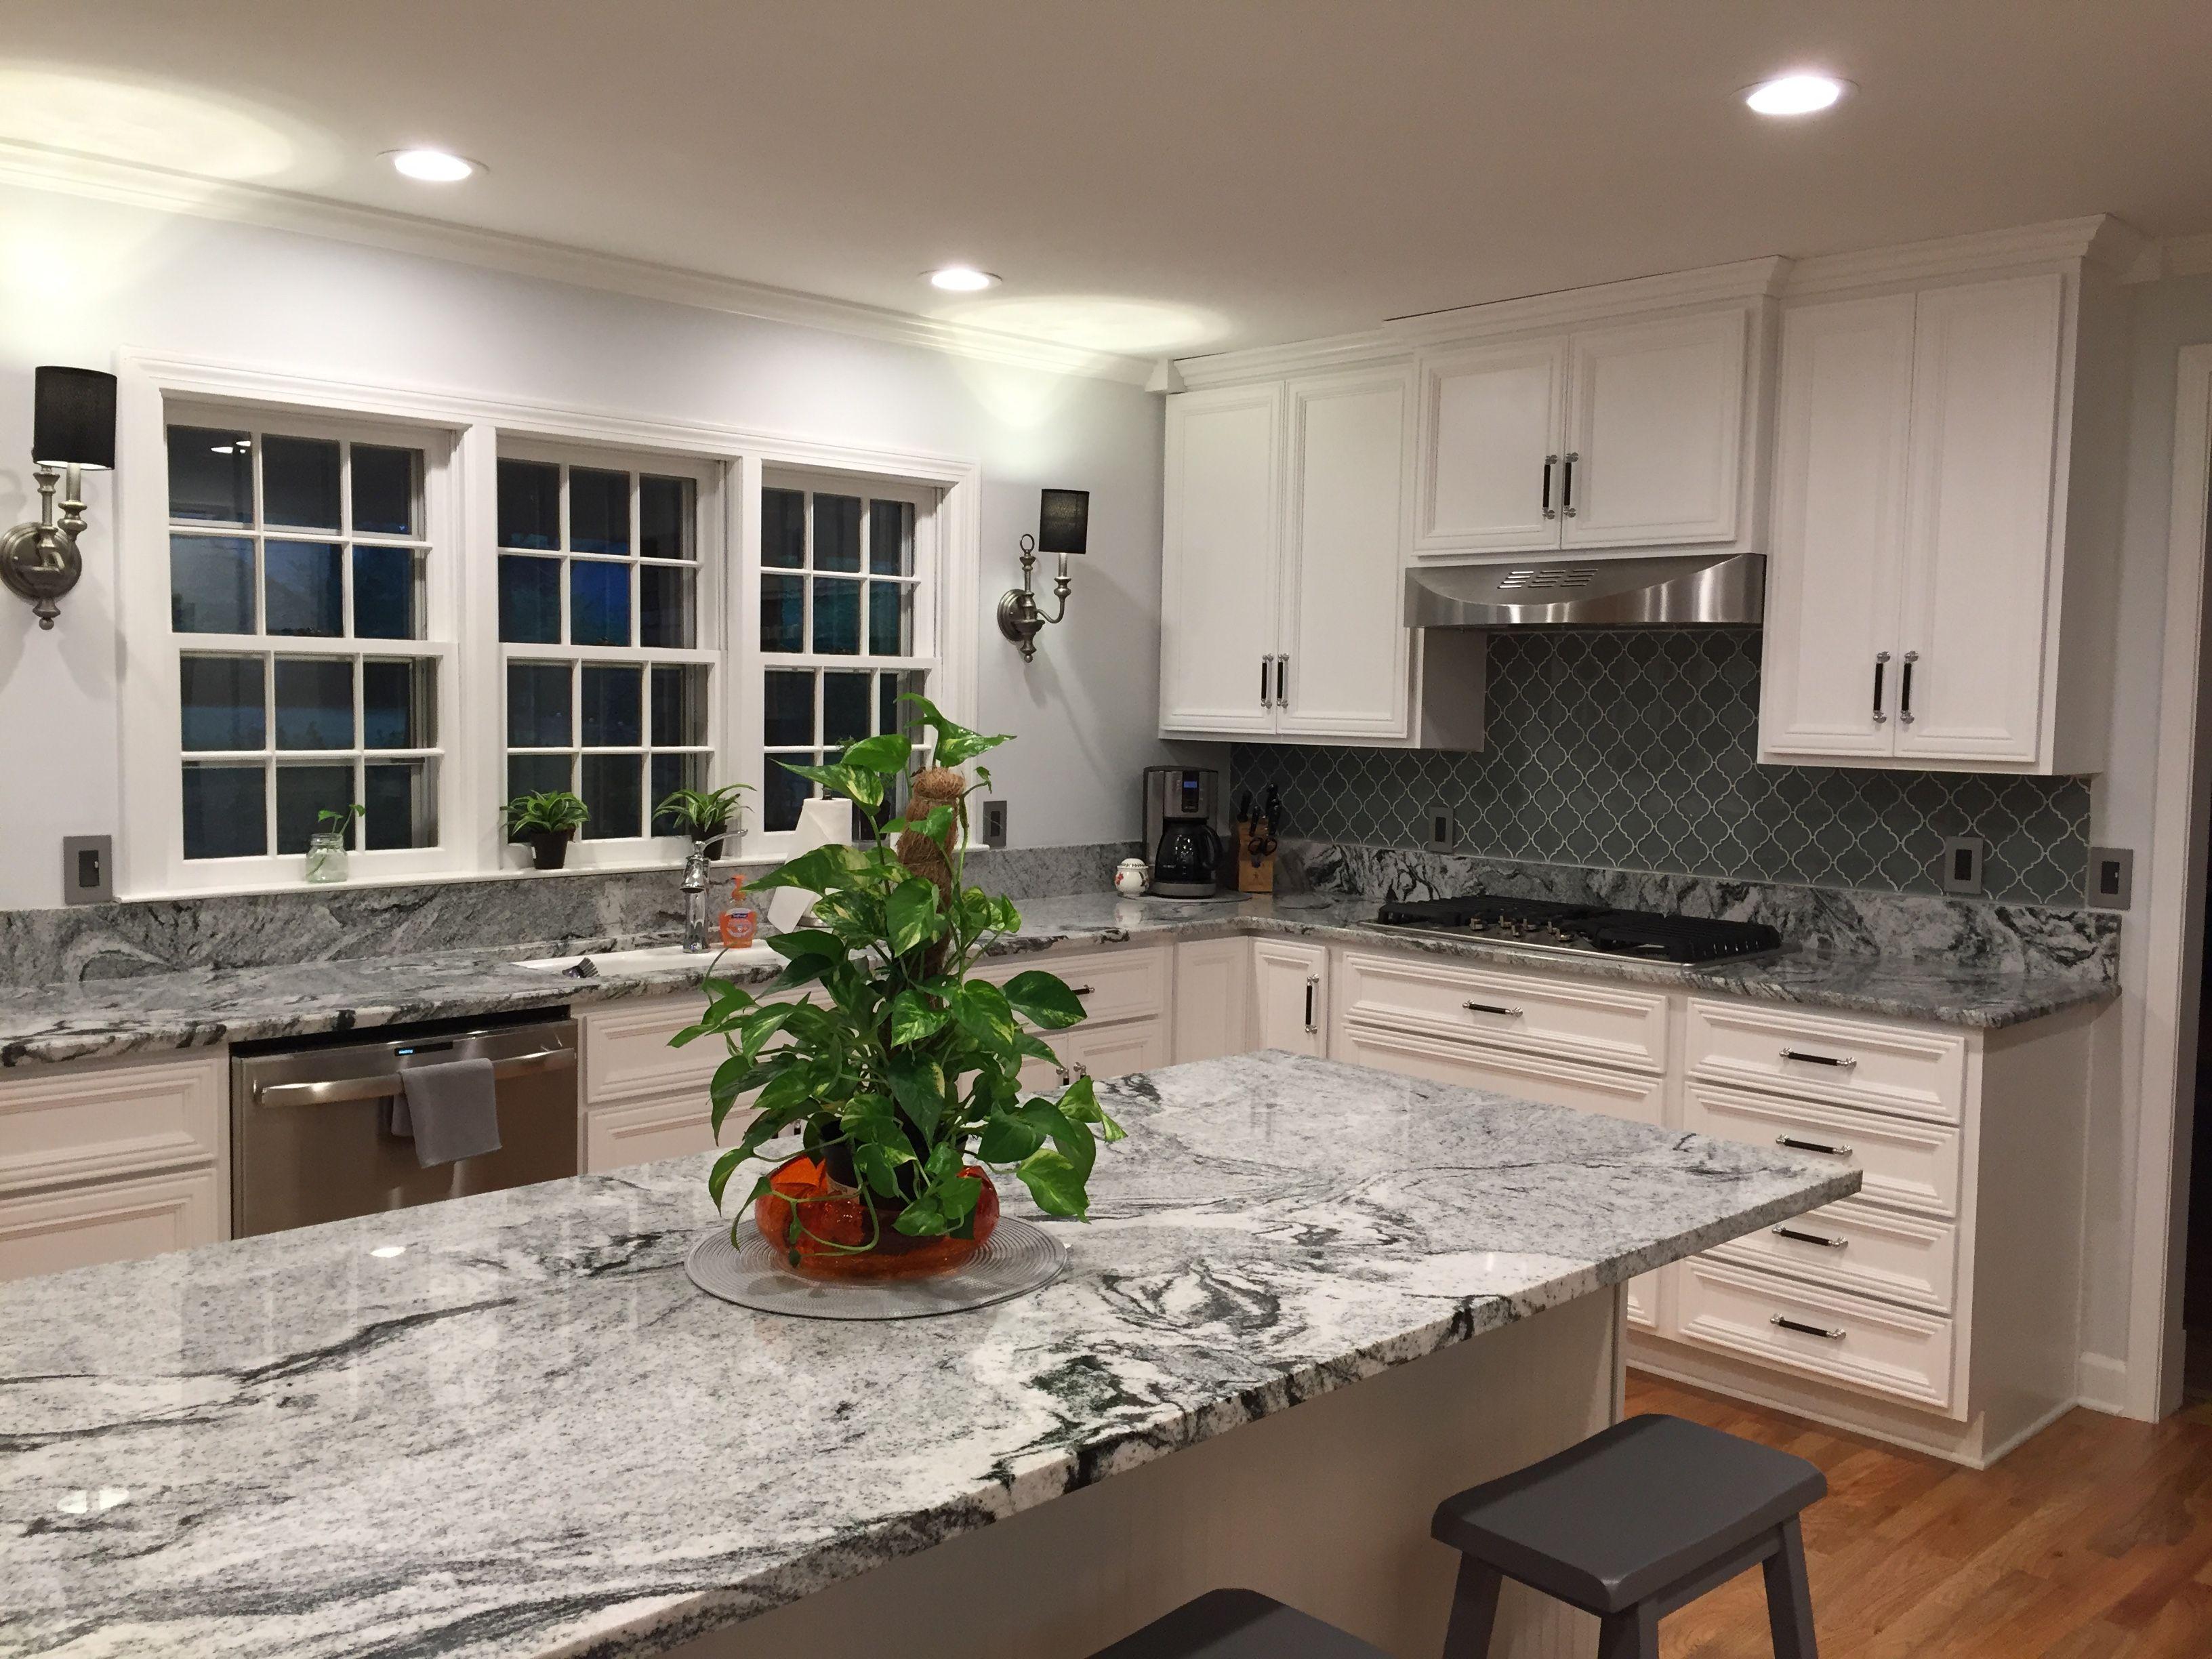 Küchenschränke Mit Granit Arbeitsplatten Keramik Küche Backsplash Ideen  Quarz Fliese Arbeitsplatte Küchen Wand Fliesen Design Ideen